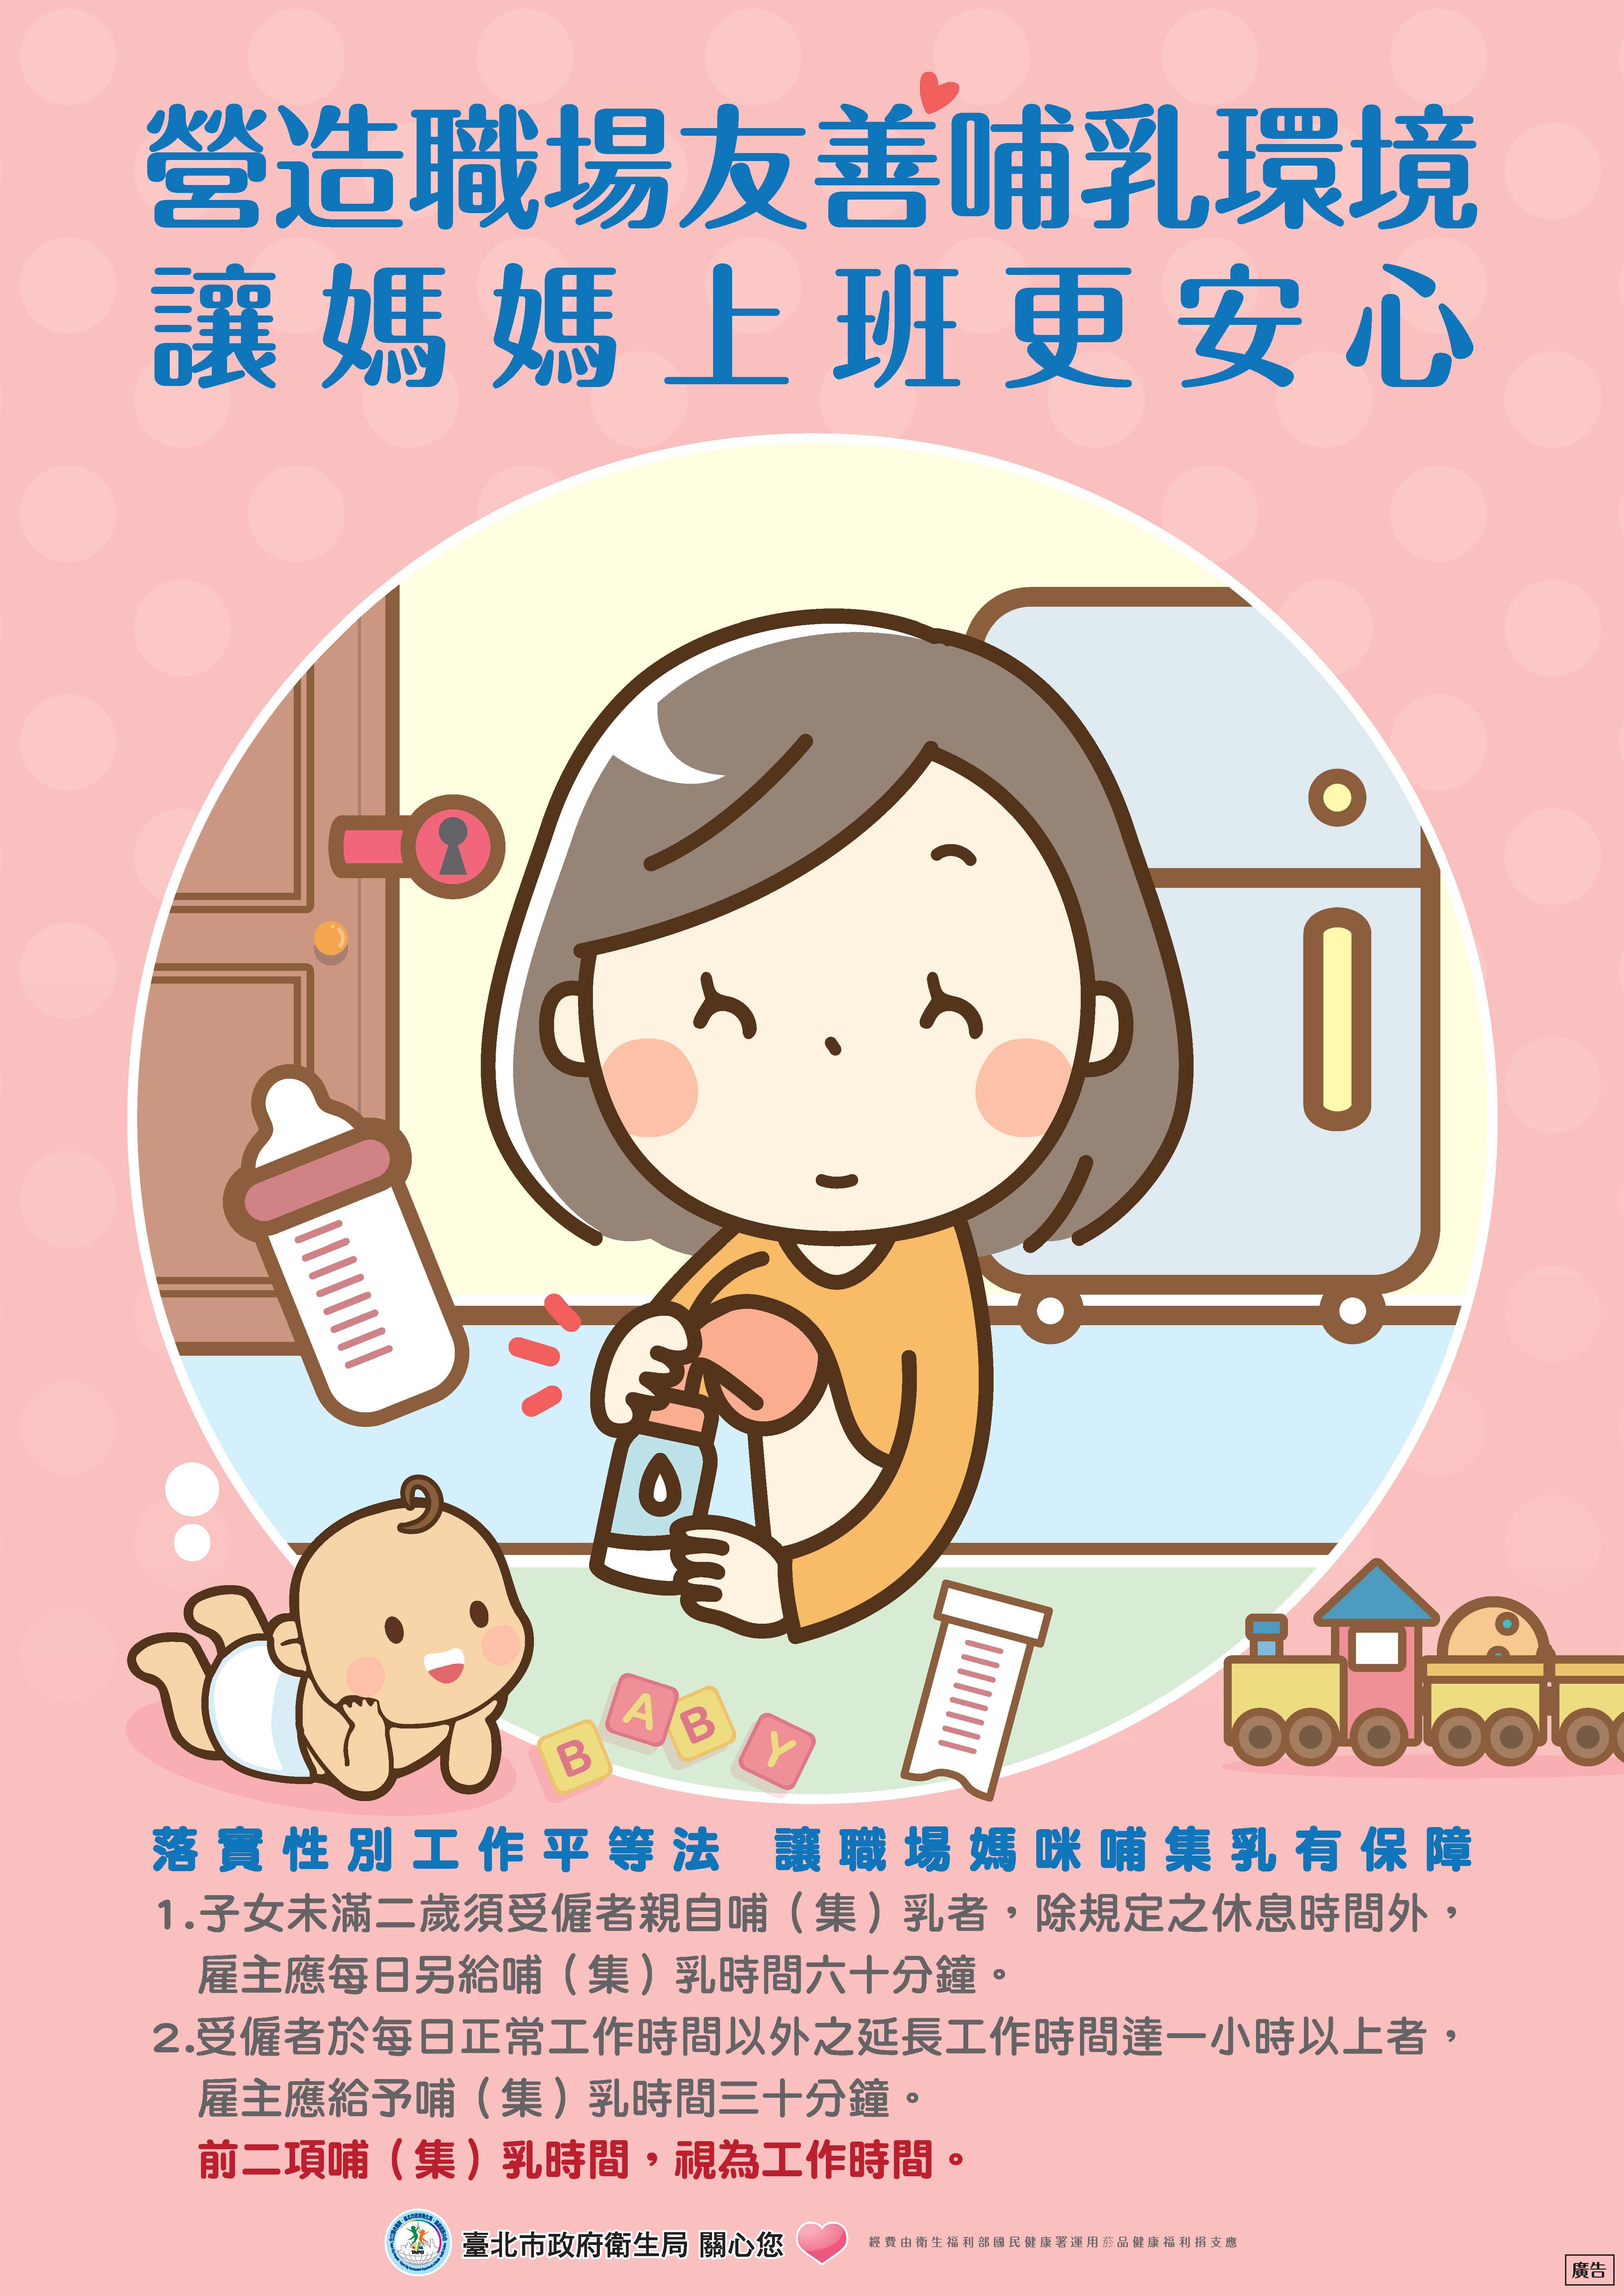 營造職場友善哺乳環境 讓媽媽上班更安心